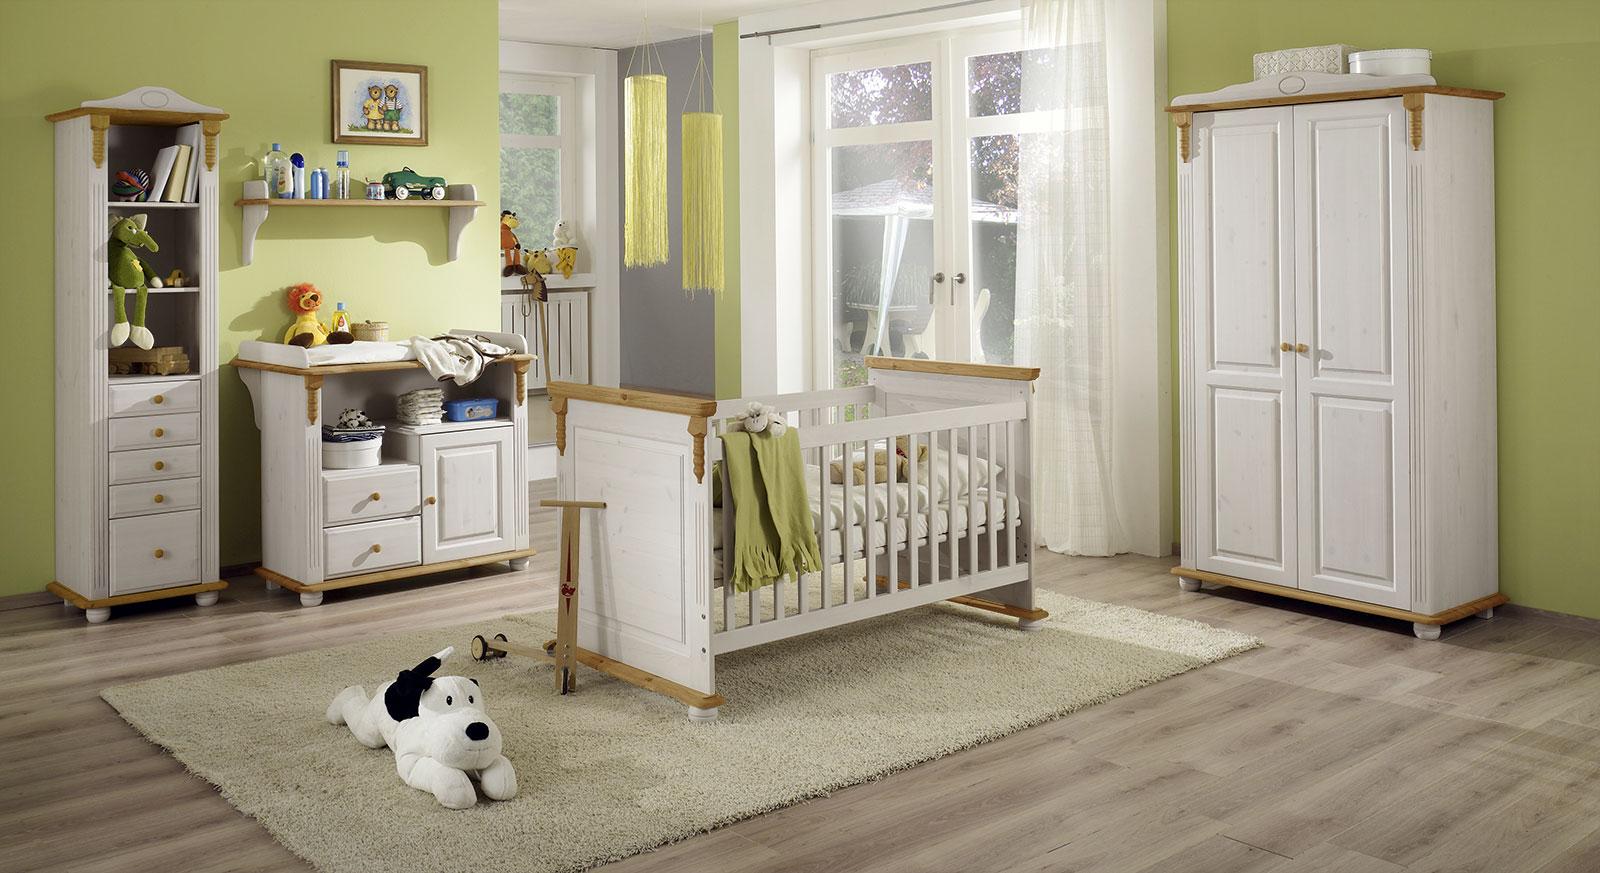 Komplett-Babyzimmer Countryside mit passenden Produkten